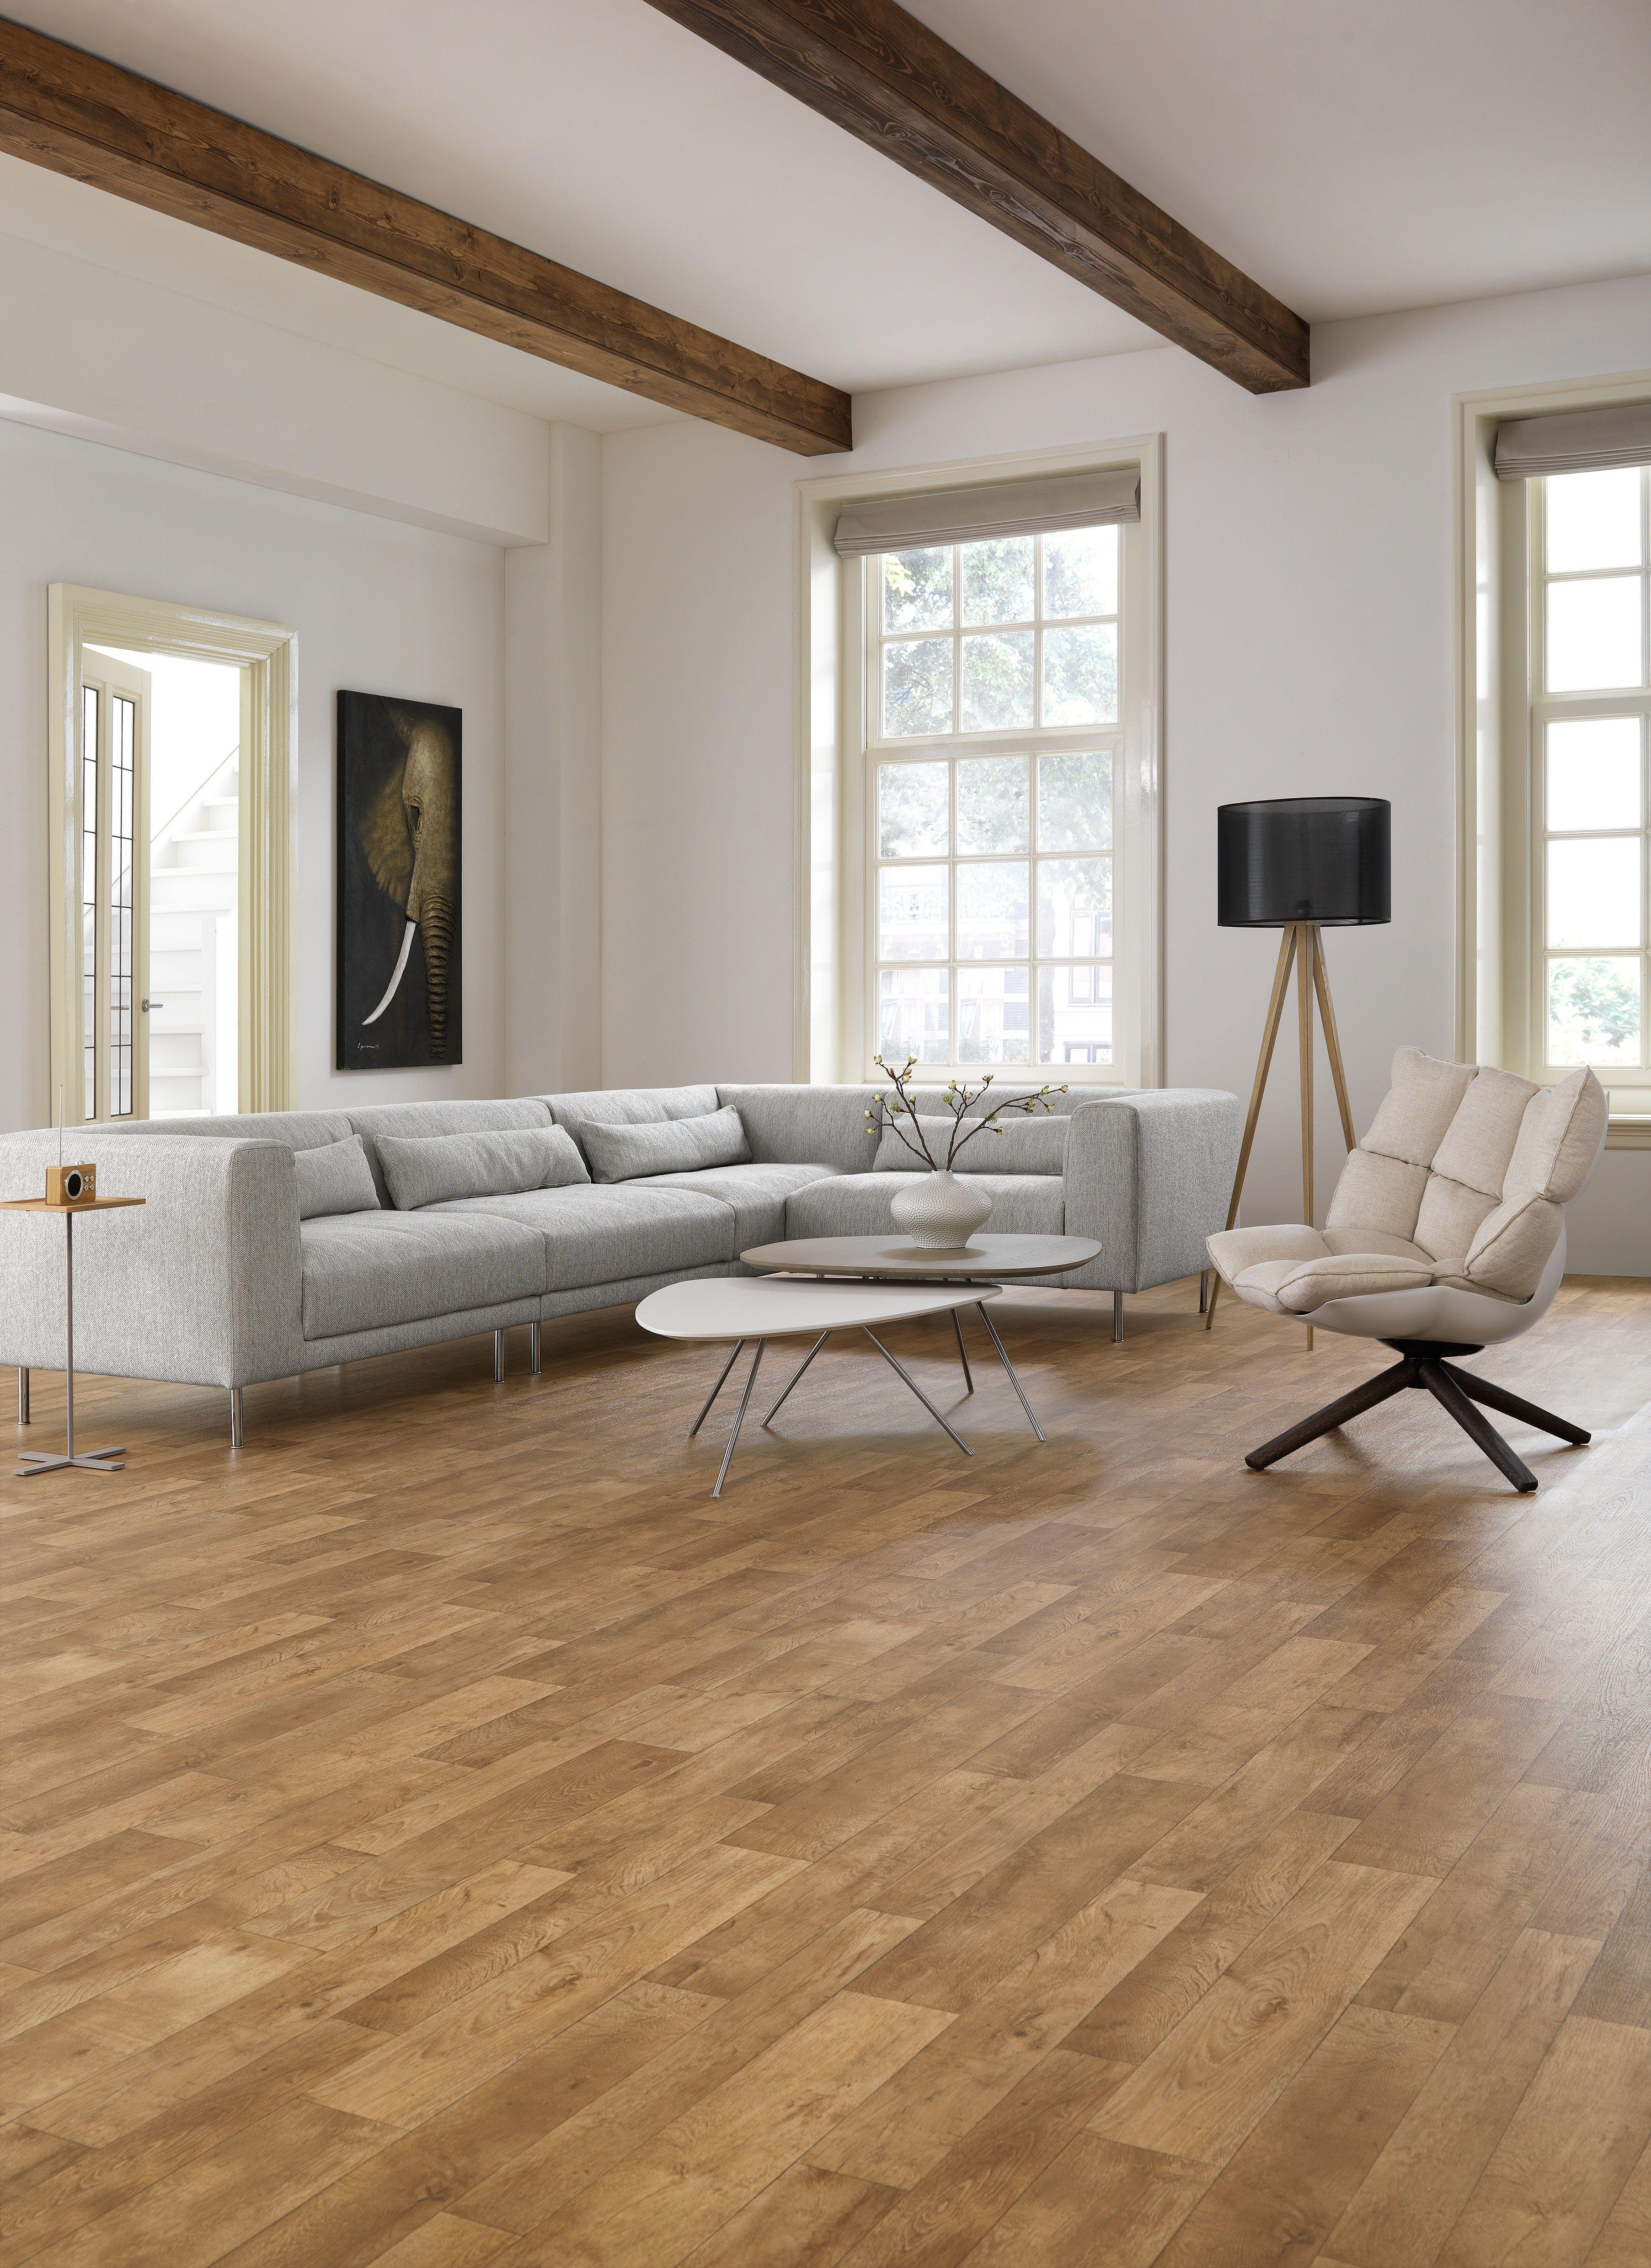 Novilon Forbo Flooring Systems Residential Flooring Floor Design Marmoleum